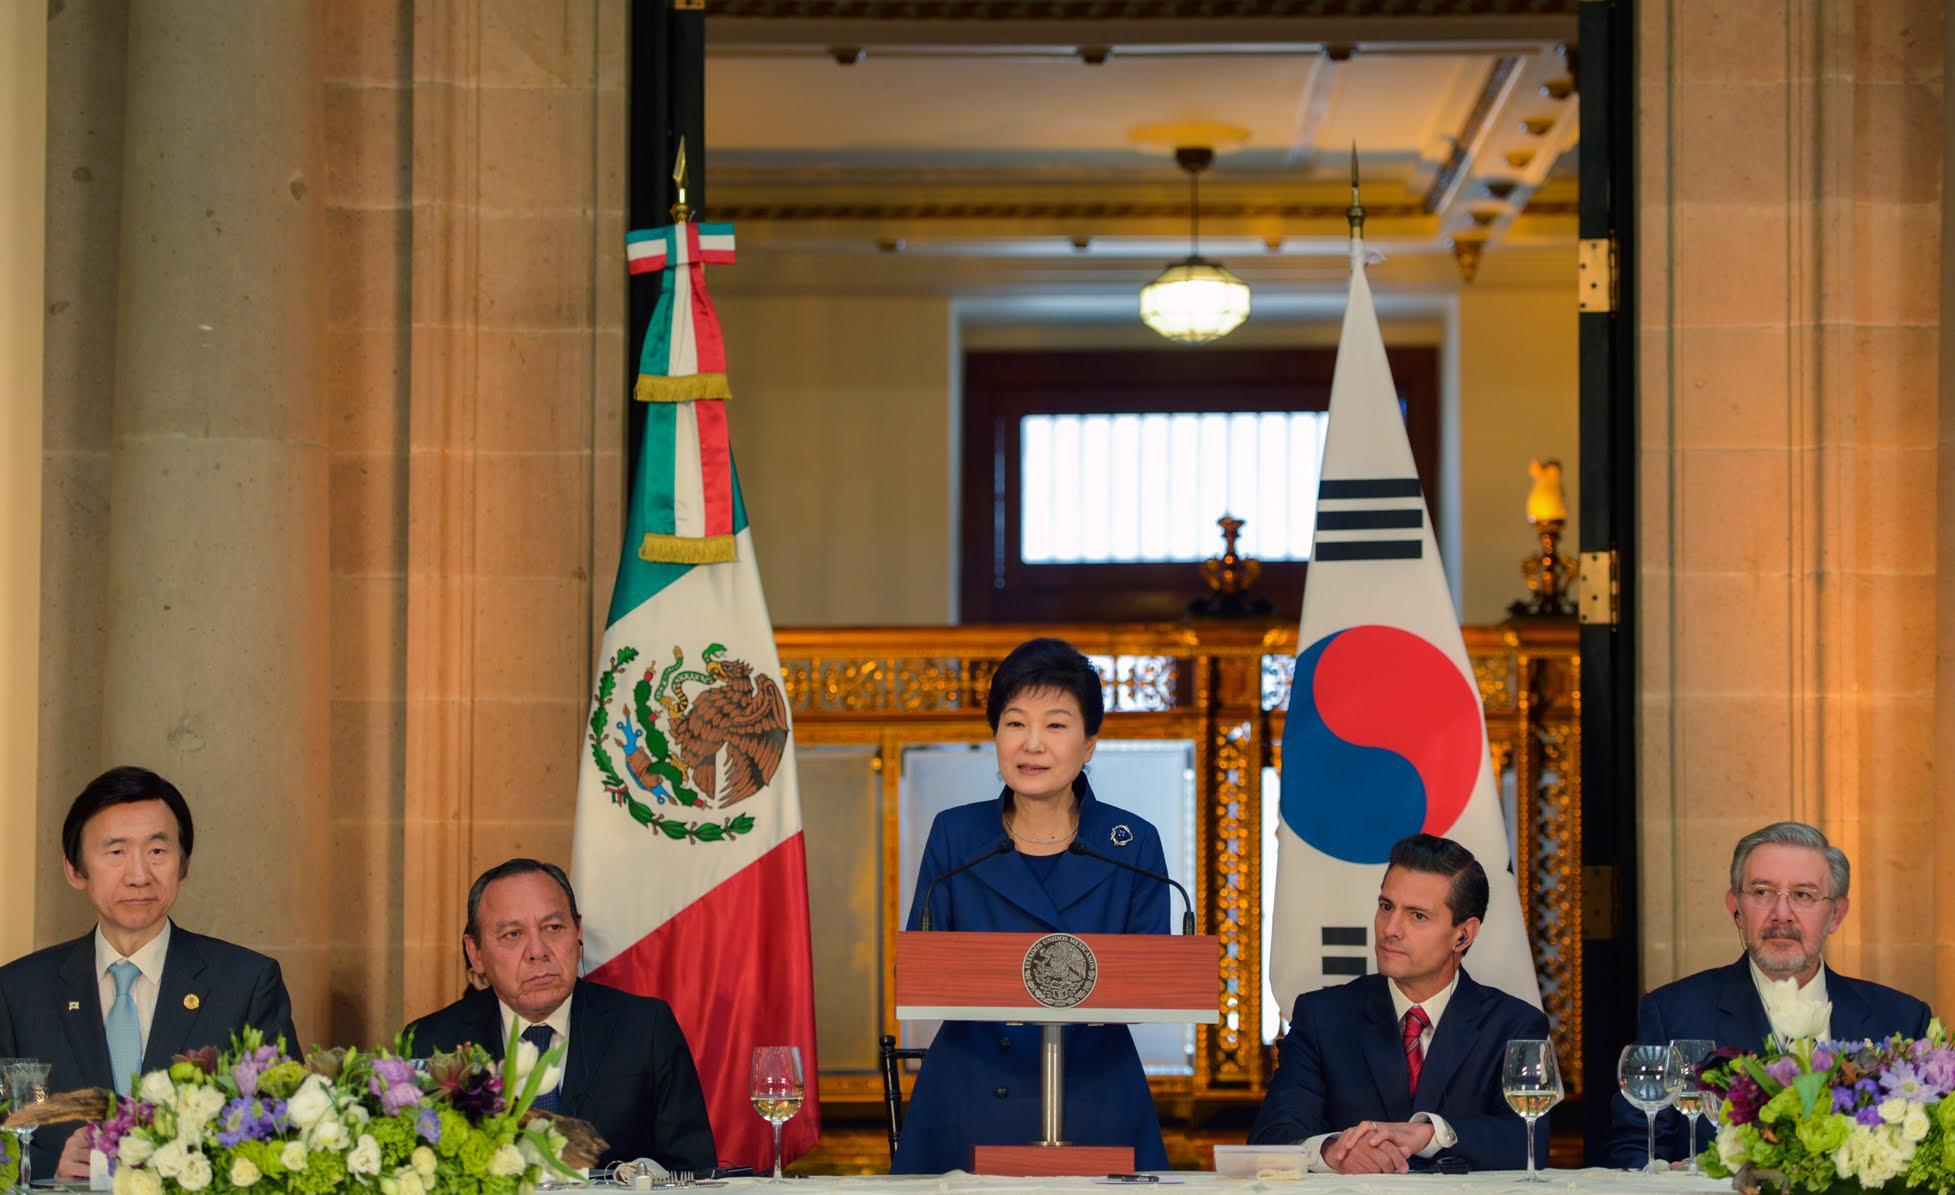 México y Corea tienen una oportunidad invaluable para abrir un nuevo futuro de cooperación sustancial y crecimiento compartido: Presidenta Park Geun-hye.